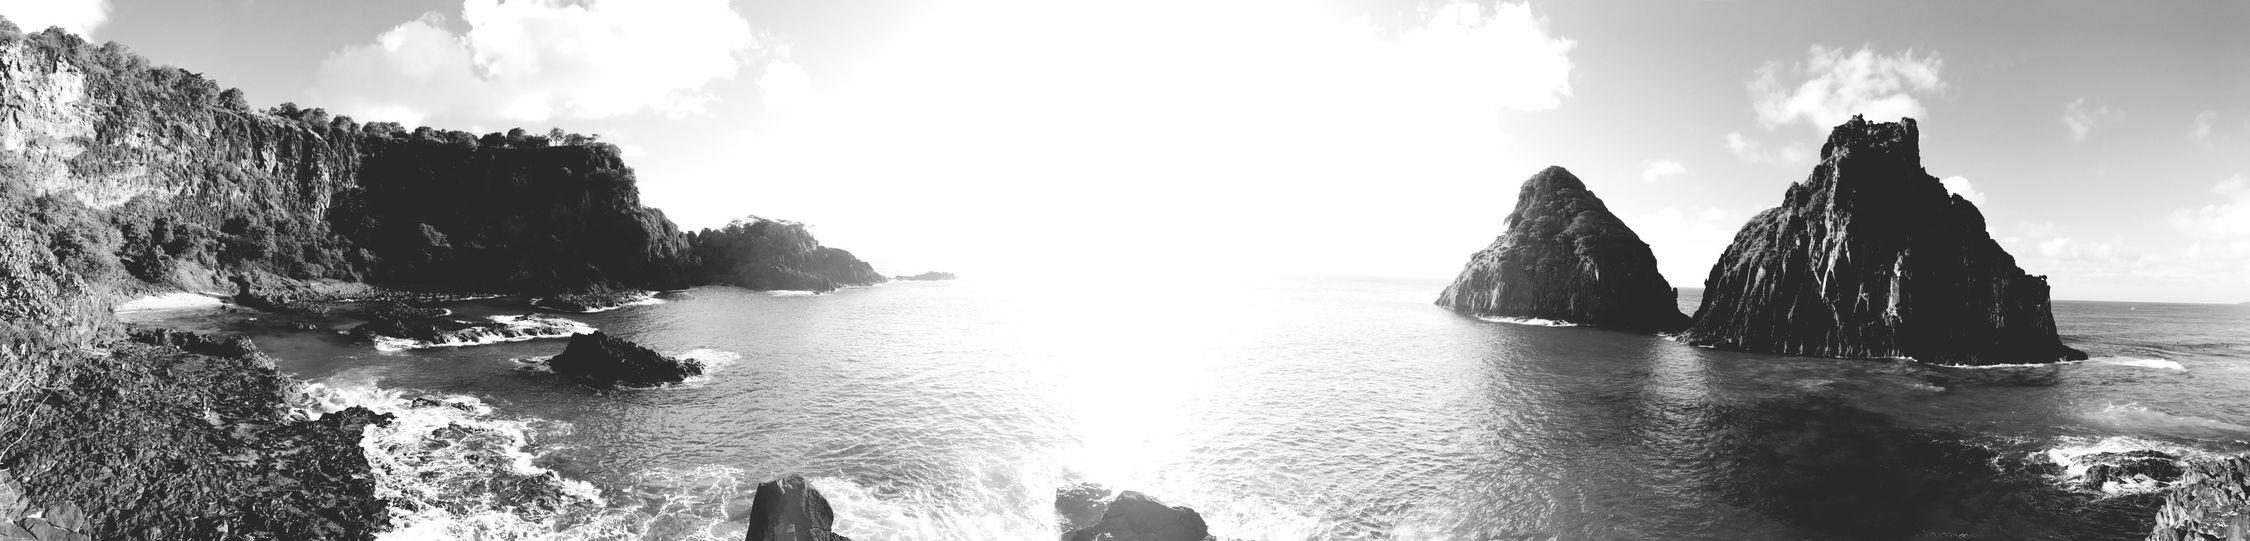 Fernandodenoronha Noronha Noronhando Earth Nature Horizon Over Water Tranquility Baíadosporcos Iphone7 Iphonephotography Brazil